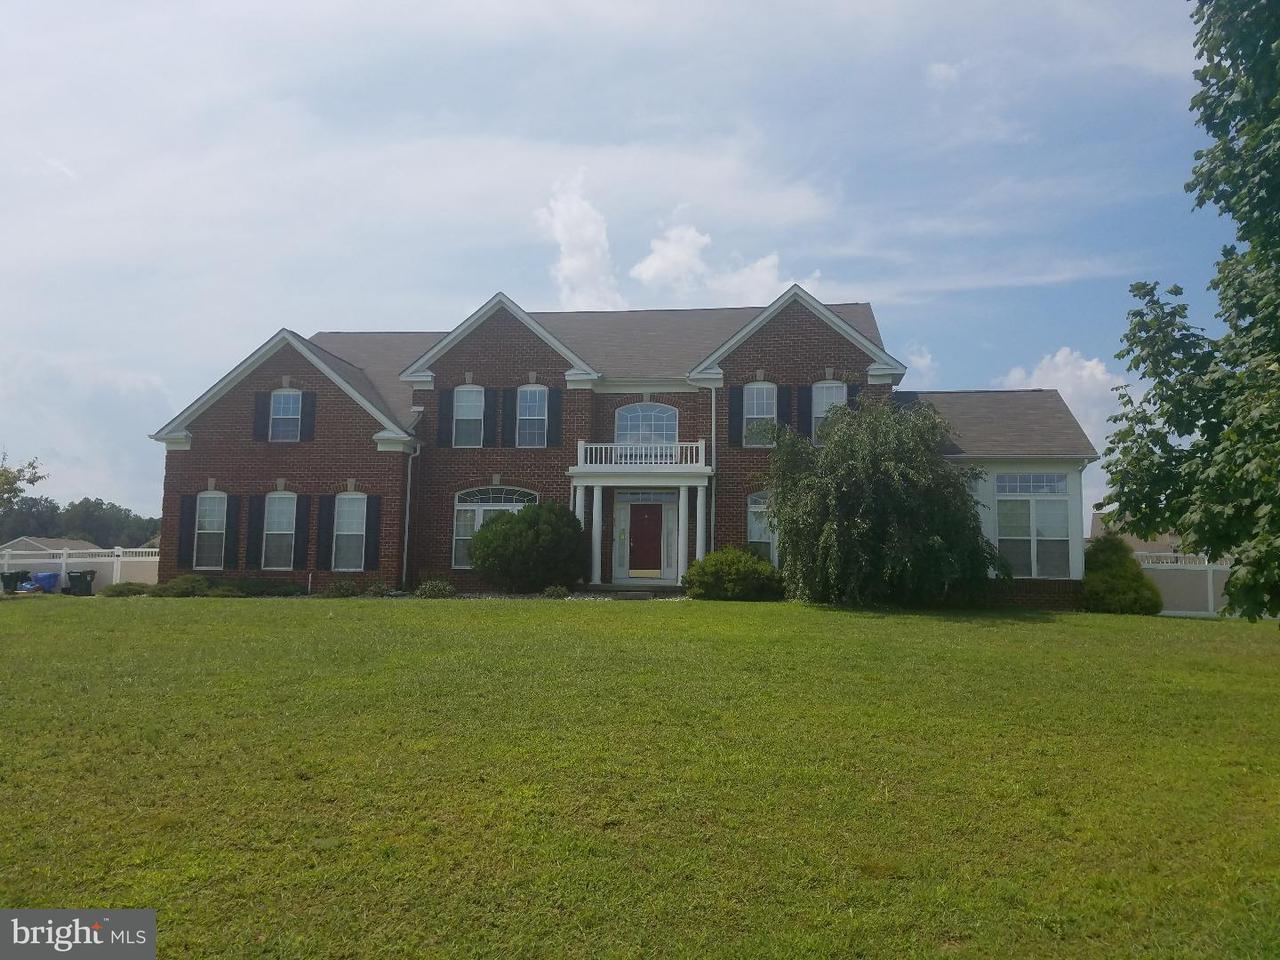 一戸建て のために 売買 アット 34 KRISTEN Lane Mantua, ニュージャージー 08051 アメリカ合衆国